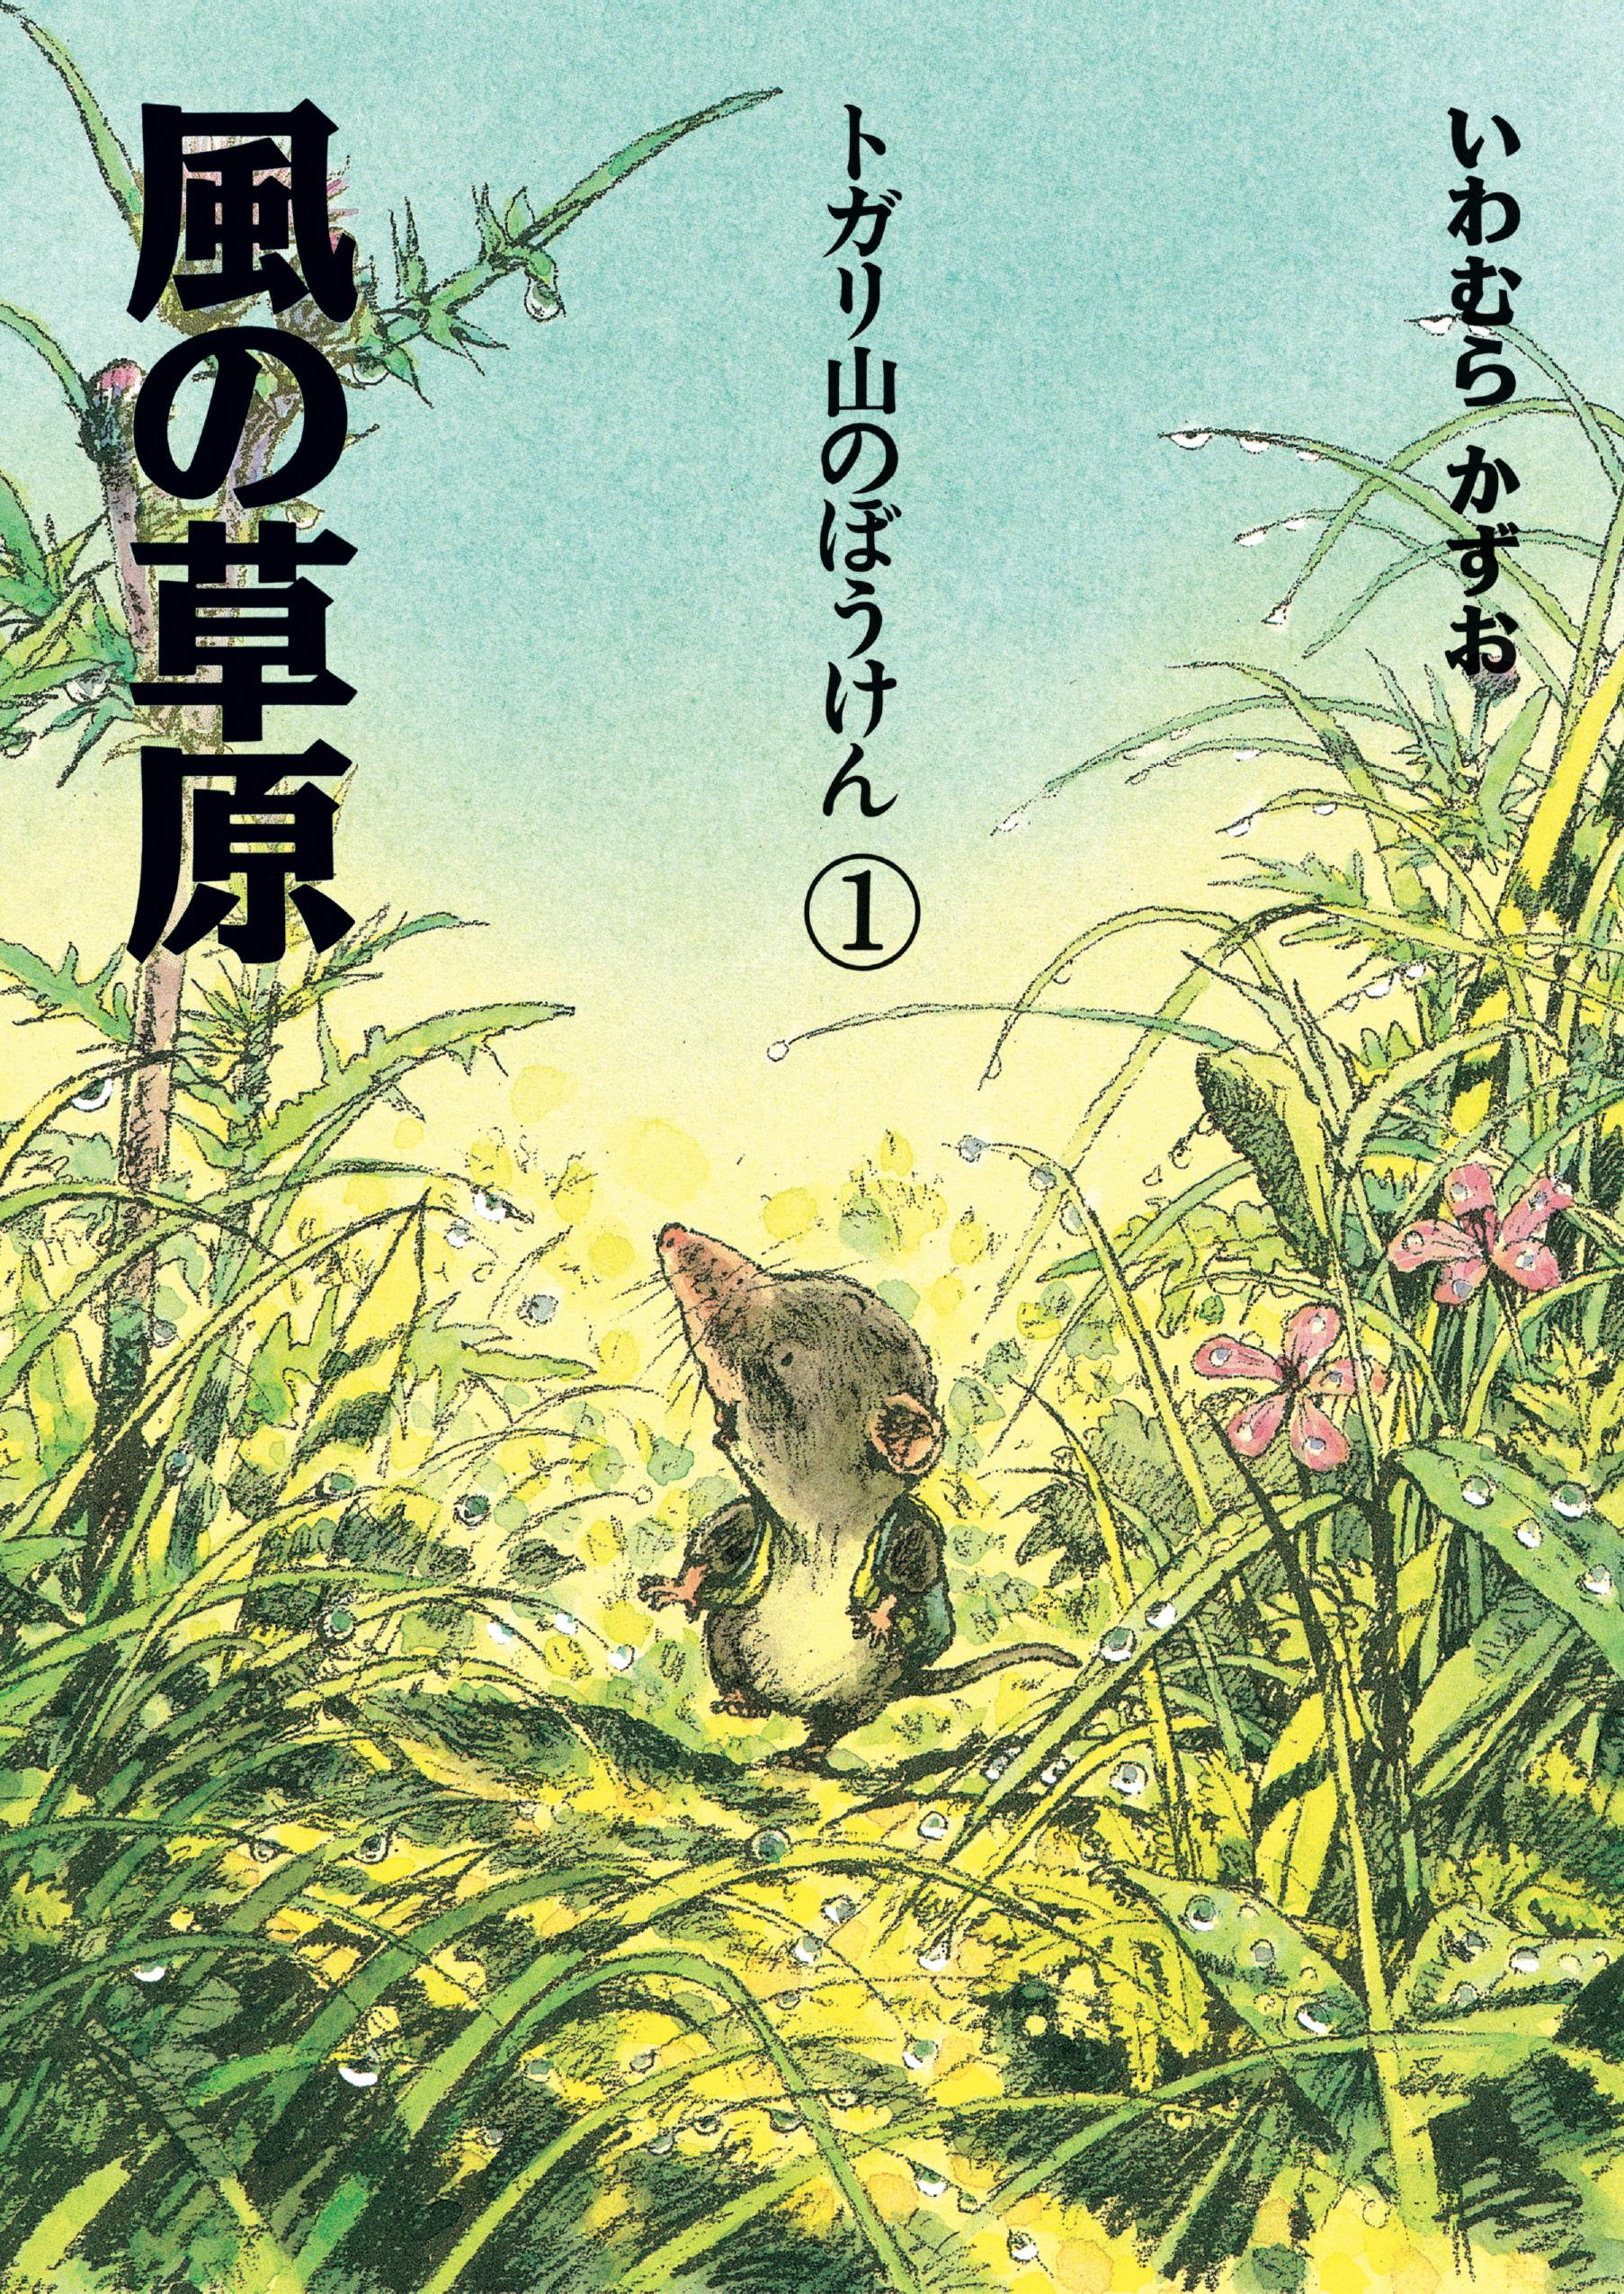 トガリ山のぼうけん① 風の草原   新装版